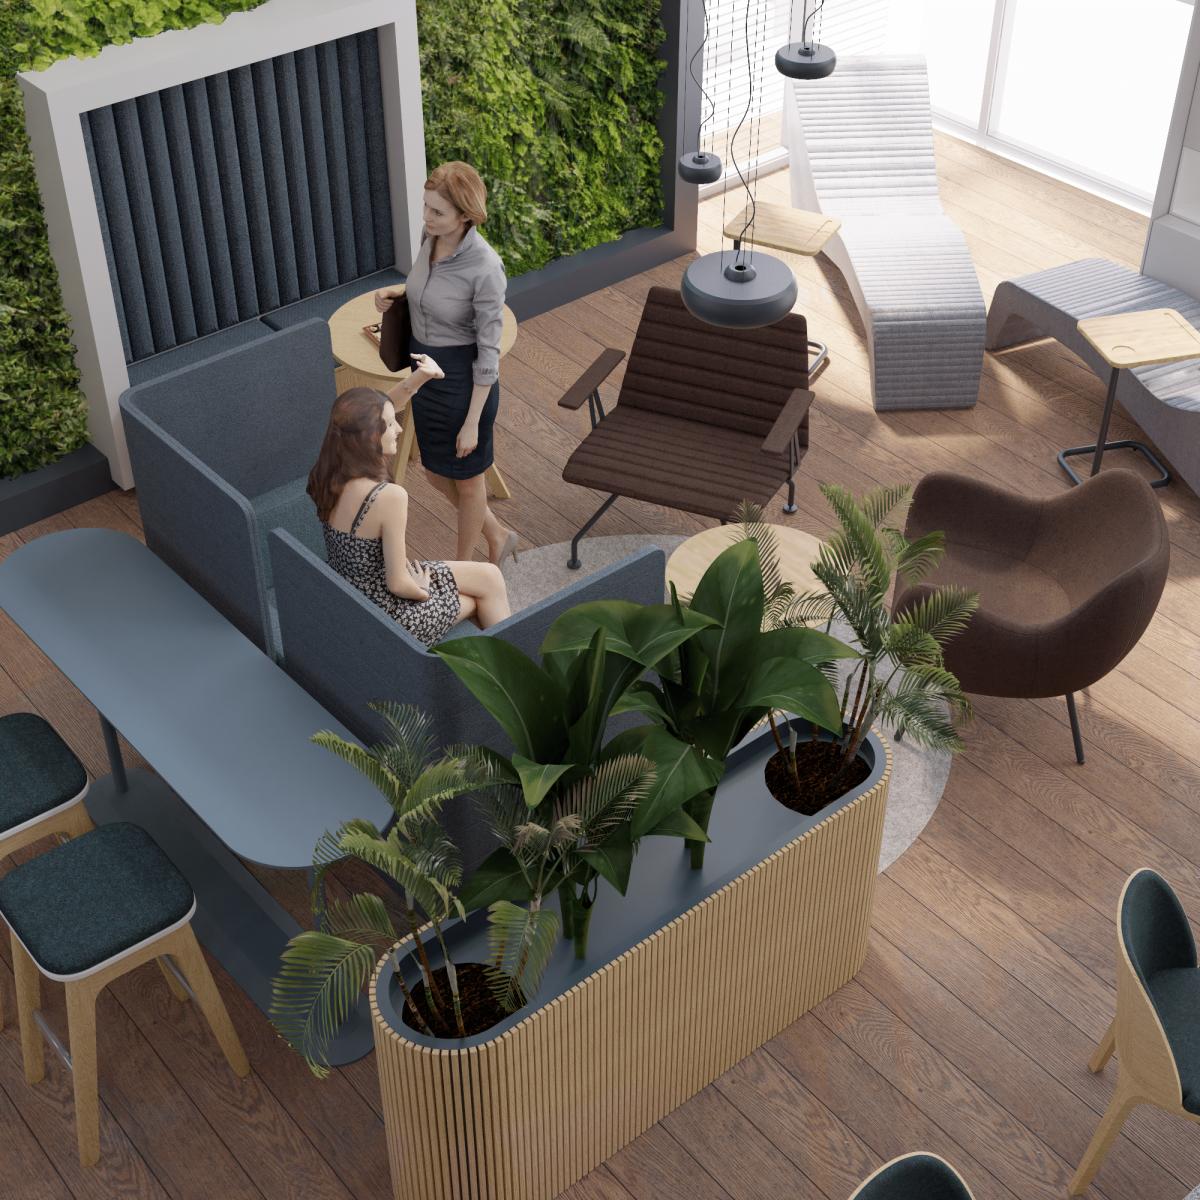 Wizualizacja projektu architektonicznego VIP room